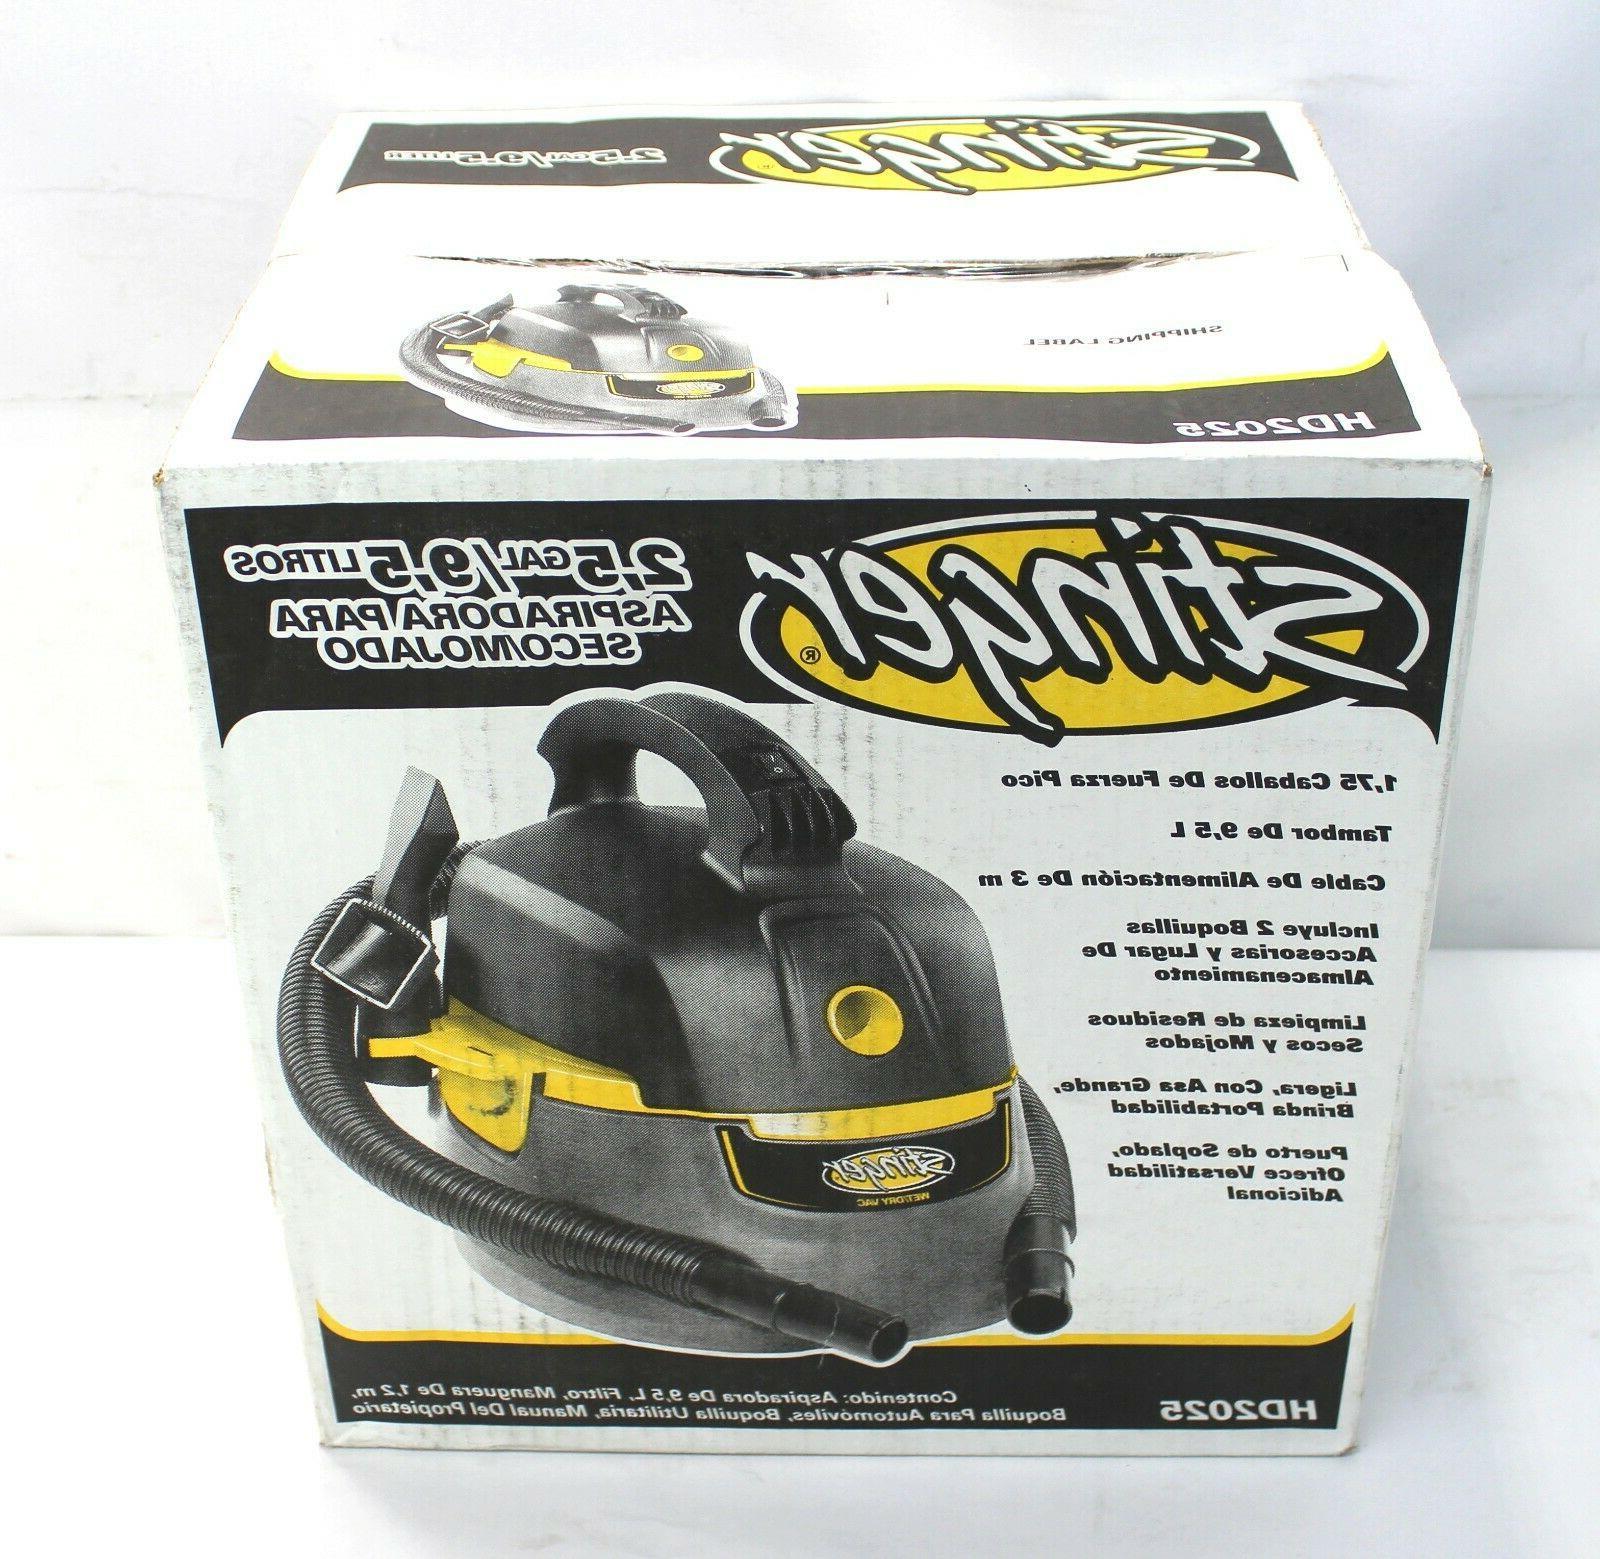 hd2025 portable wet dry auto detail shop